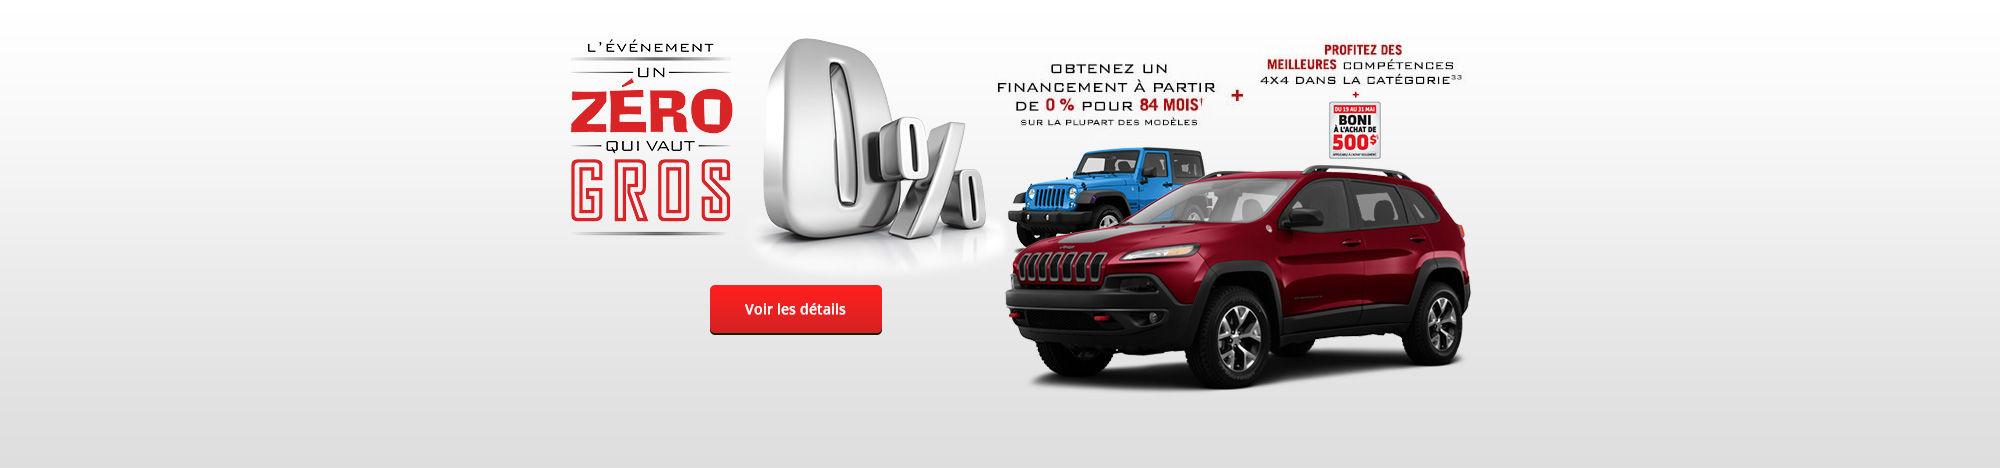 Promo mai Jeep